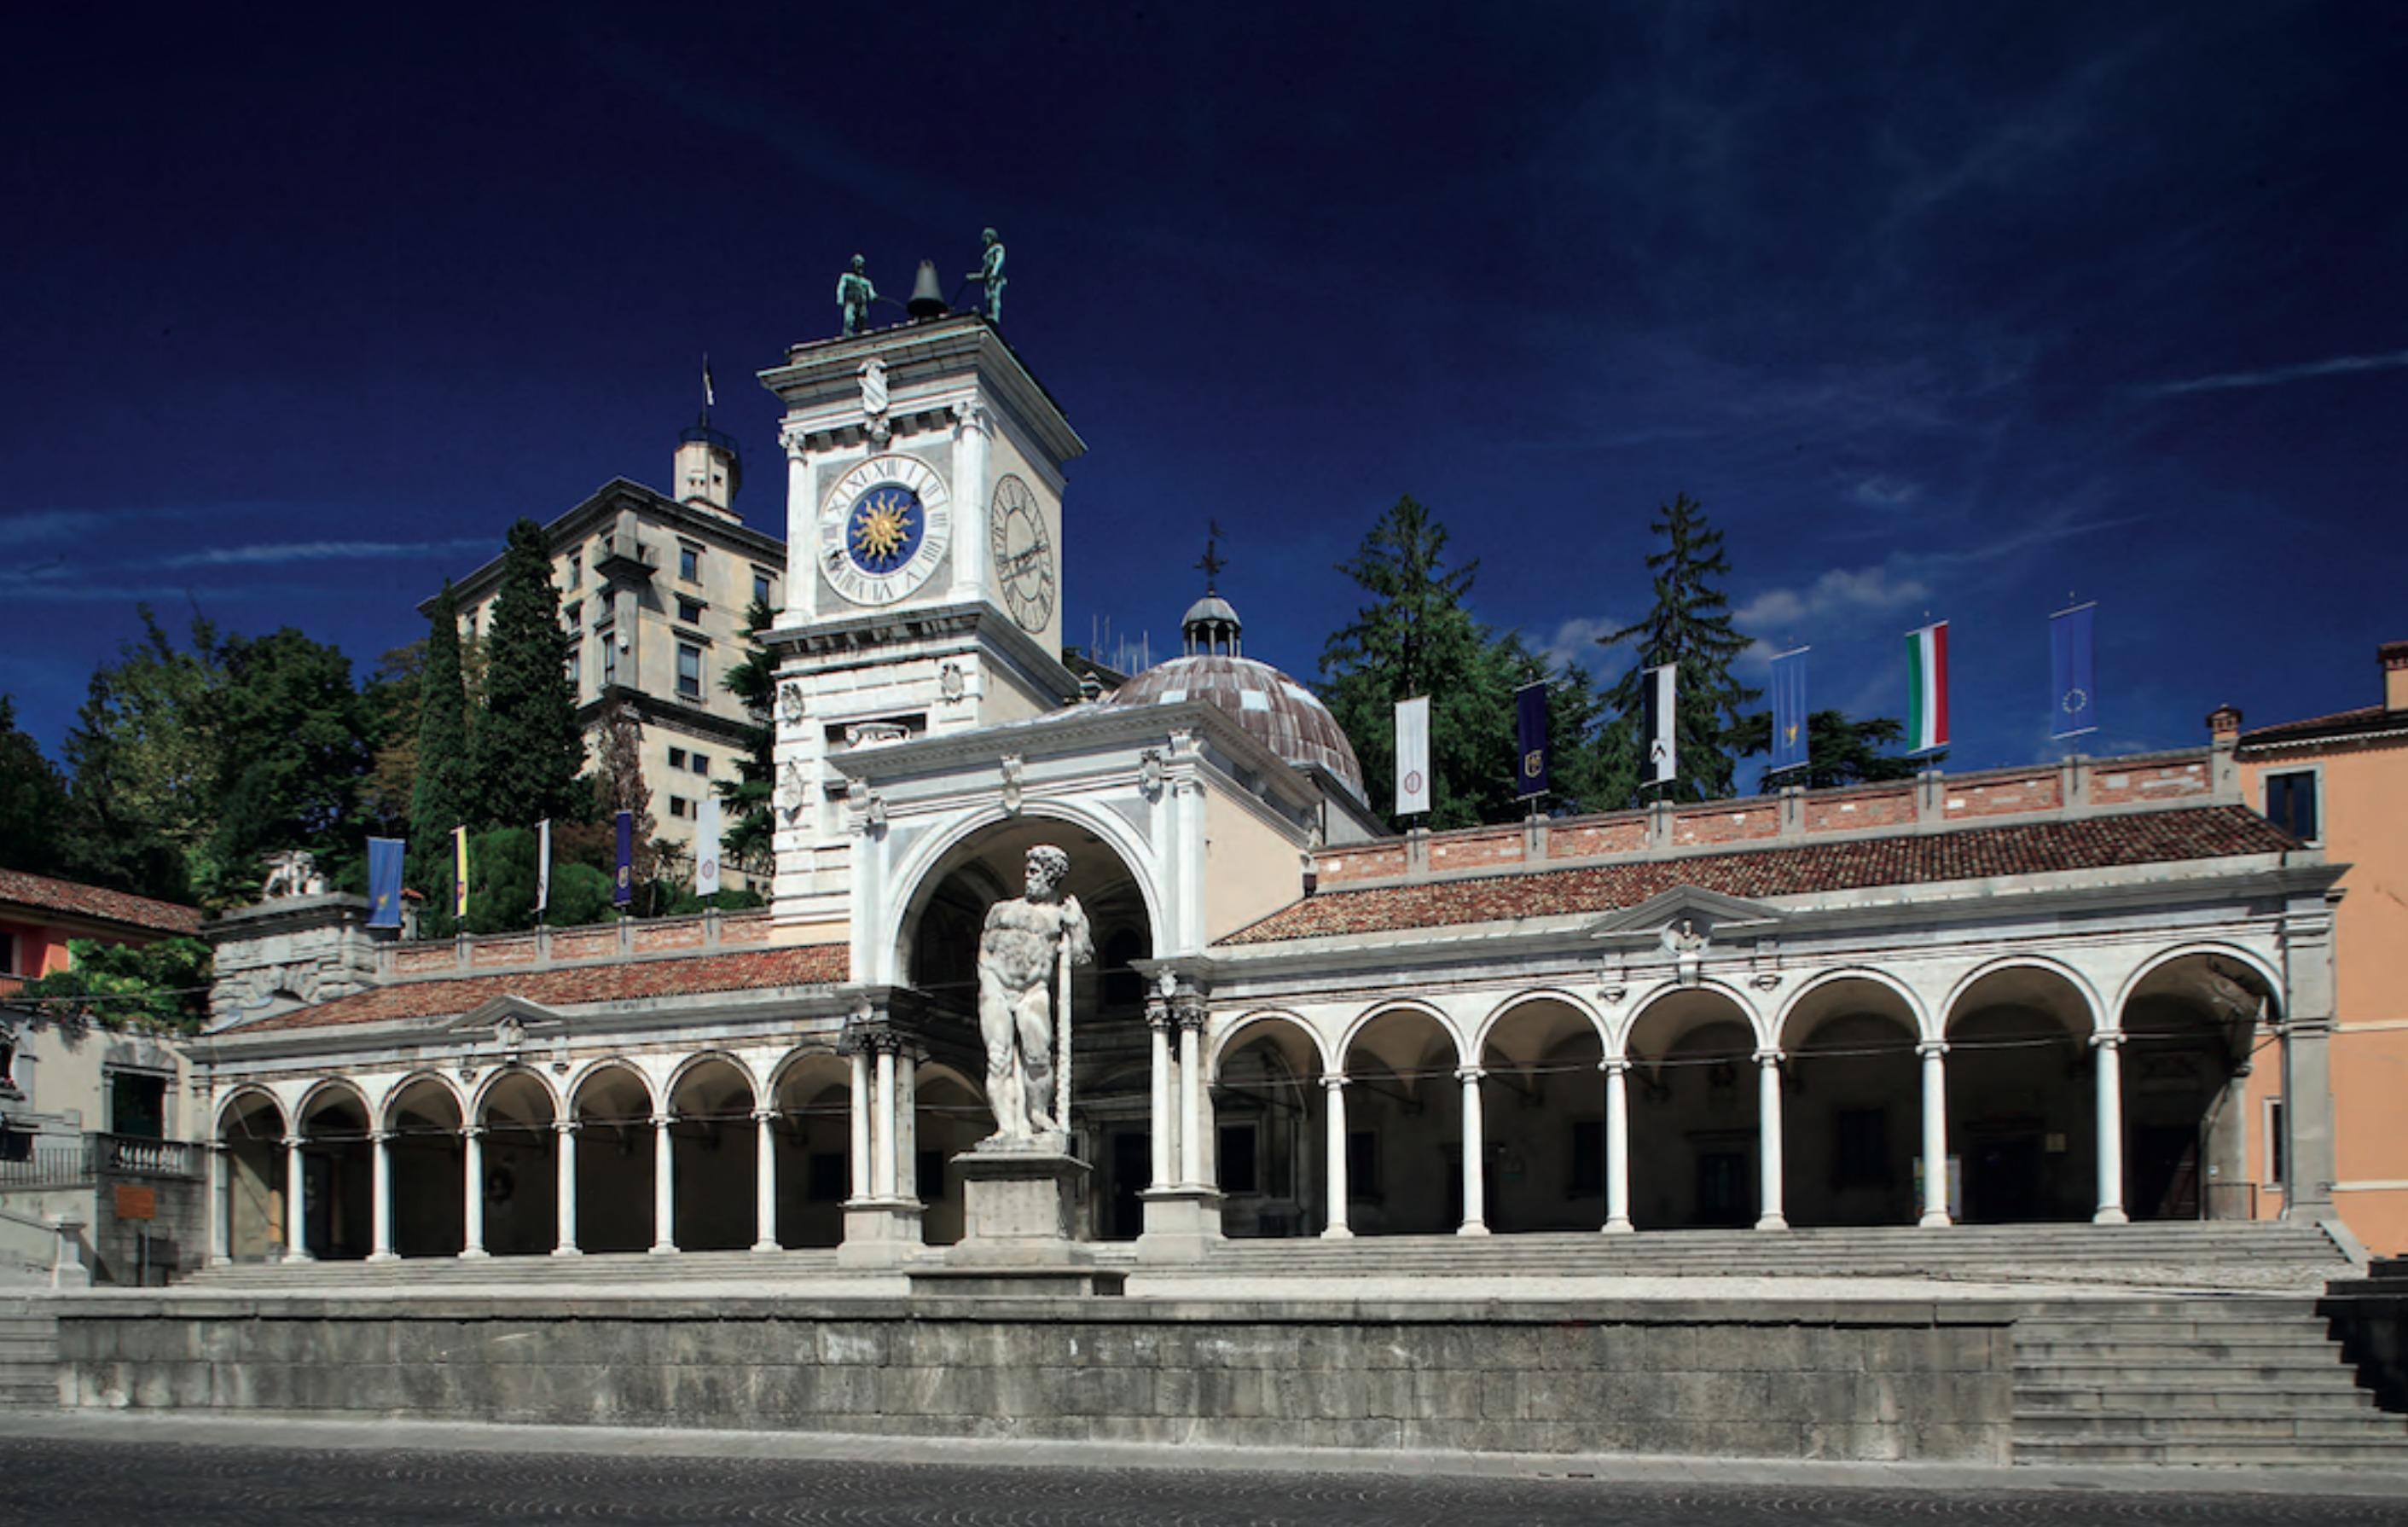 Giardino In Città Udine udine: il fascino di una città d'arte